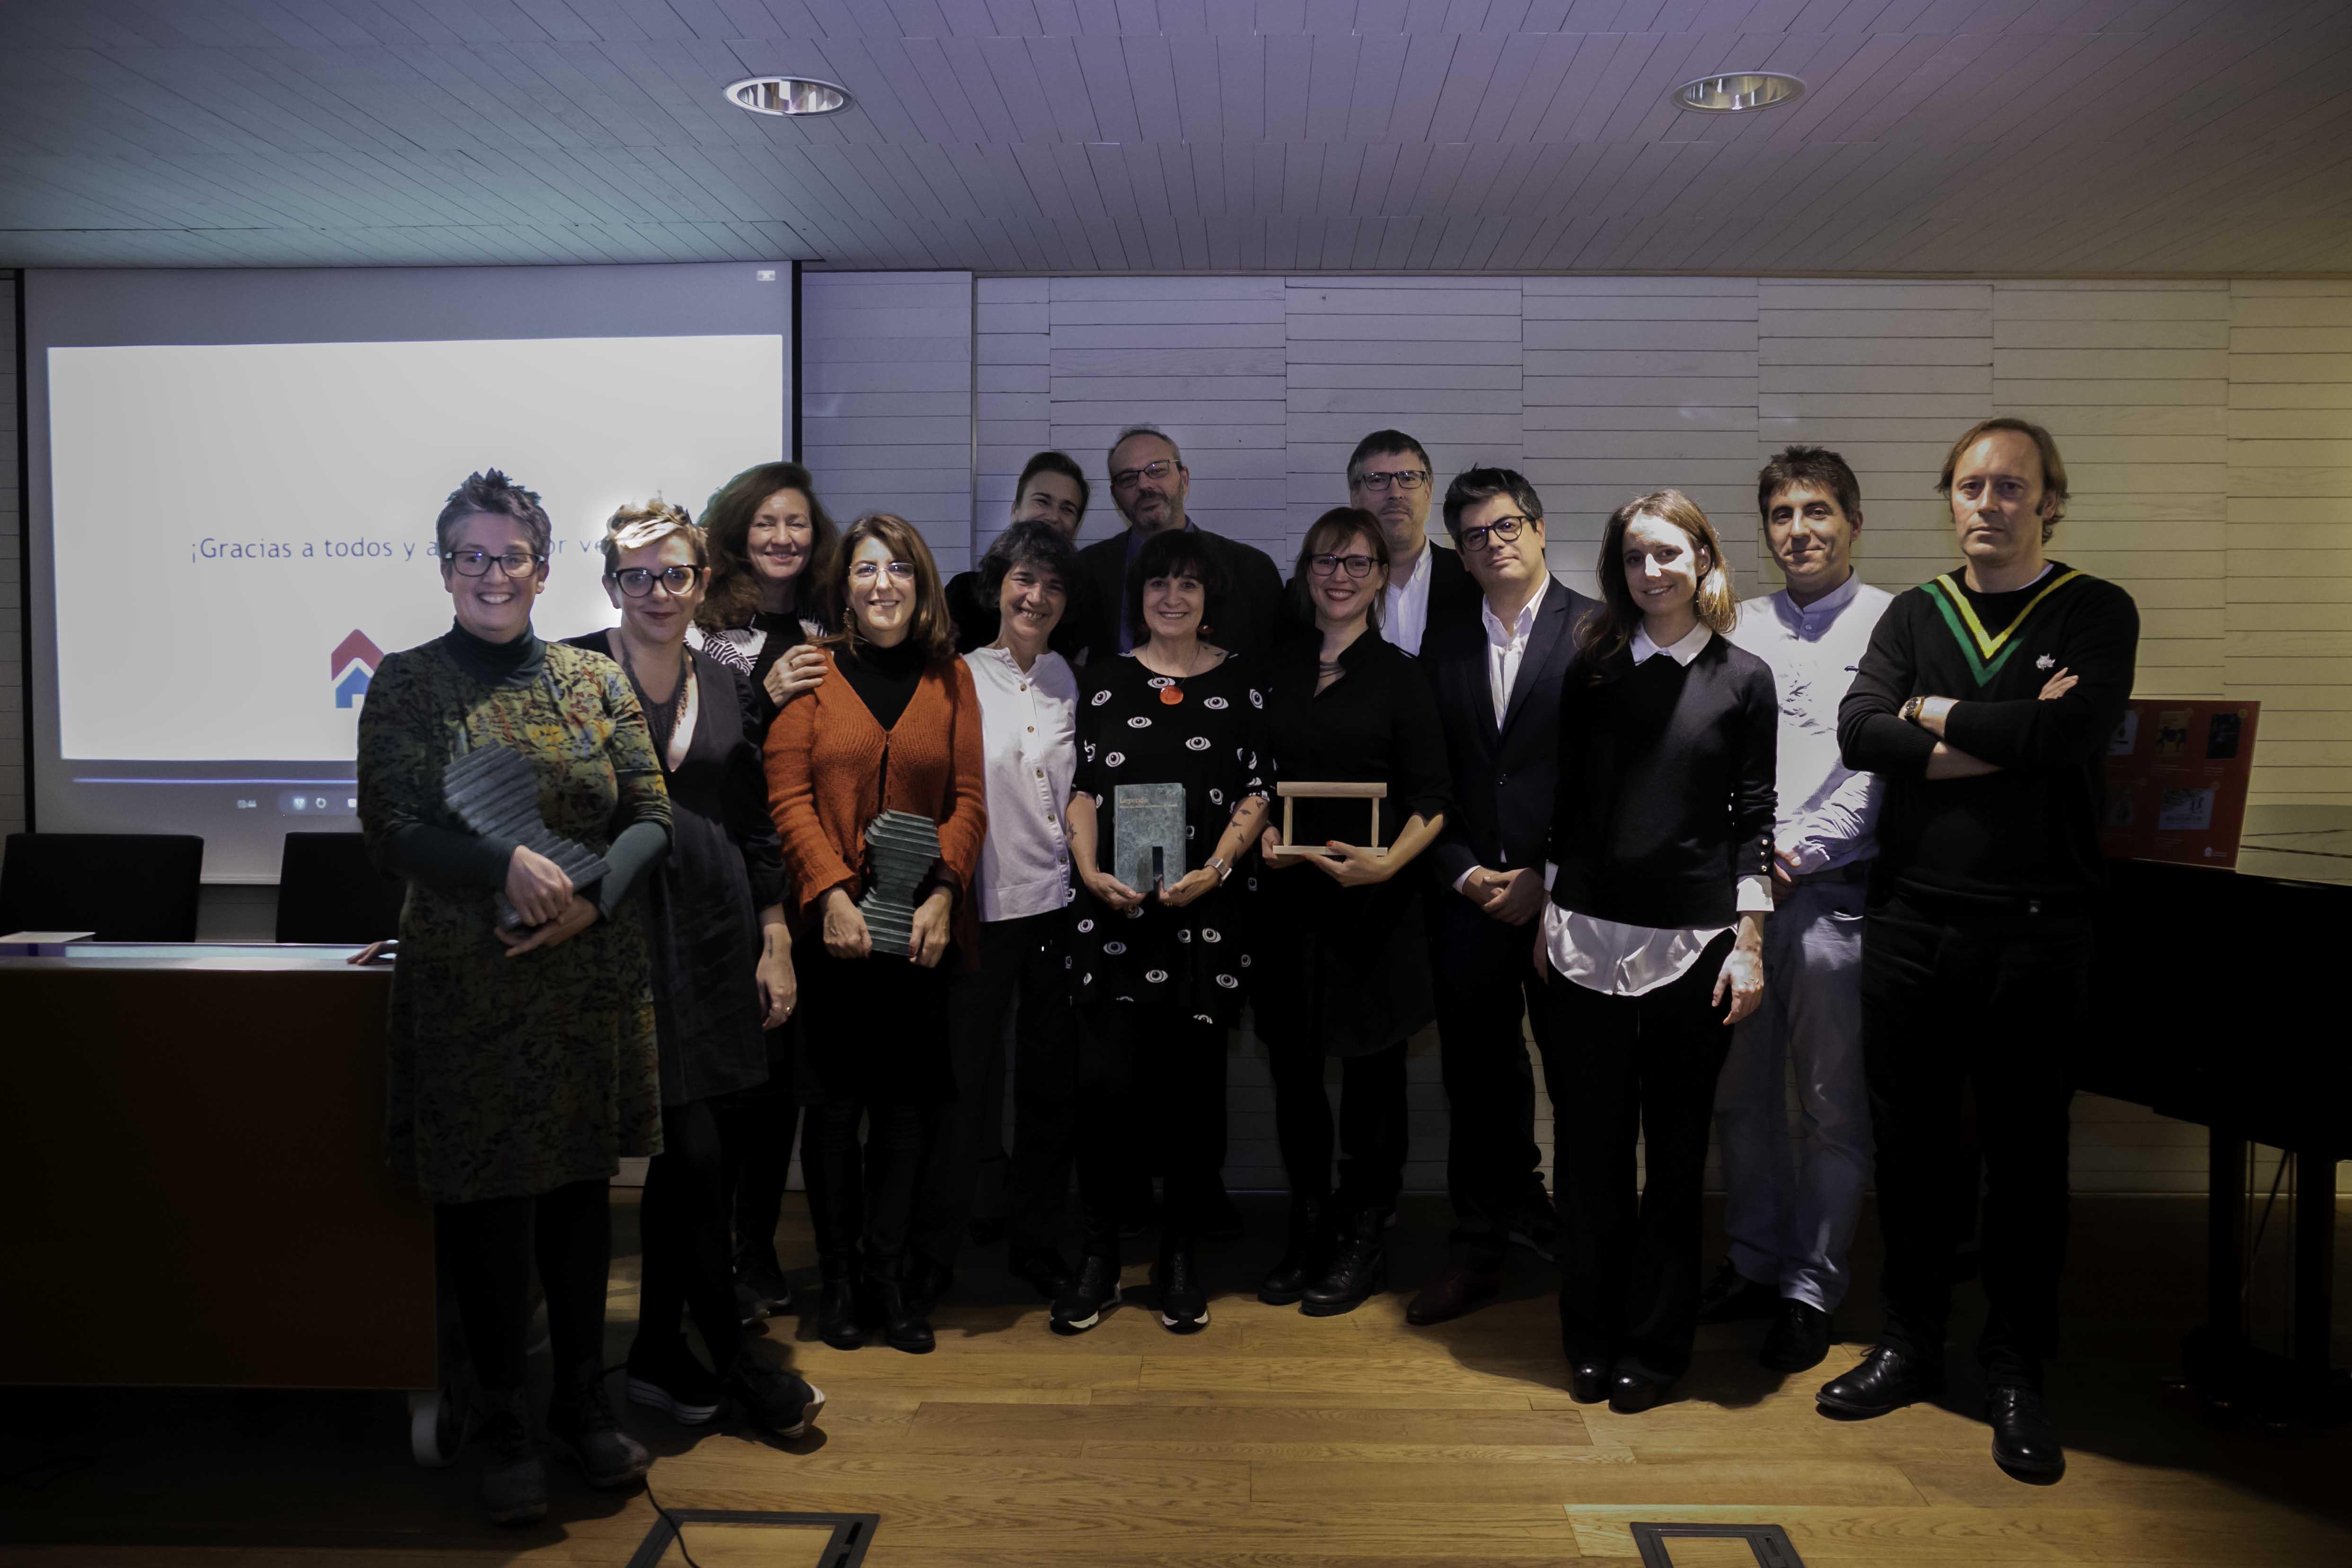 La Asociación de Librerías de Madrid hizo entrega de sus premios anuales